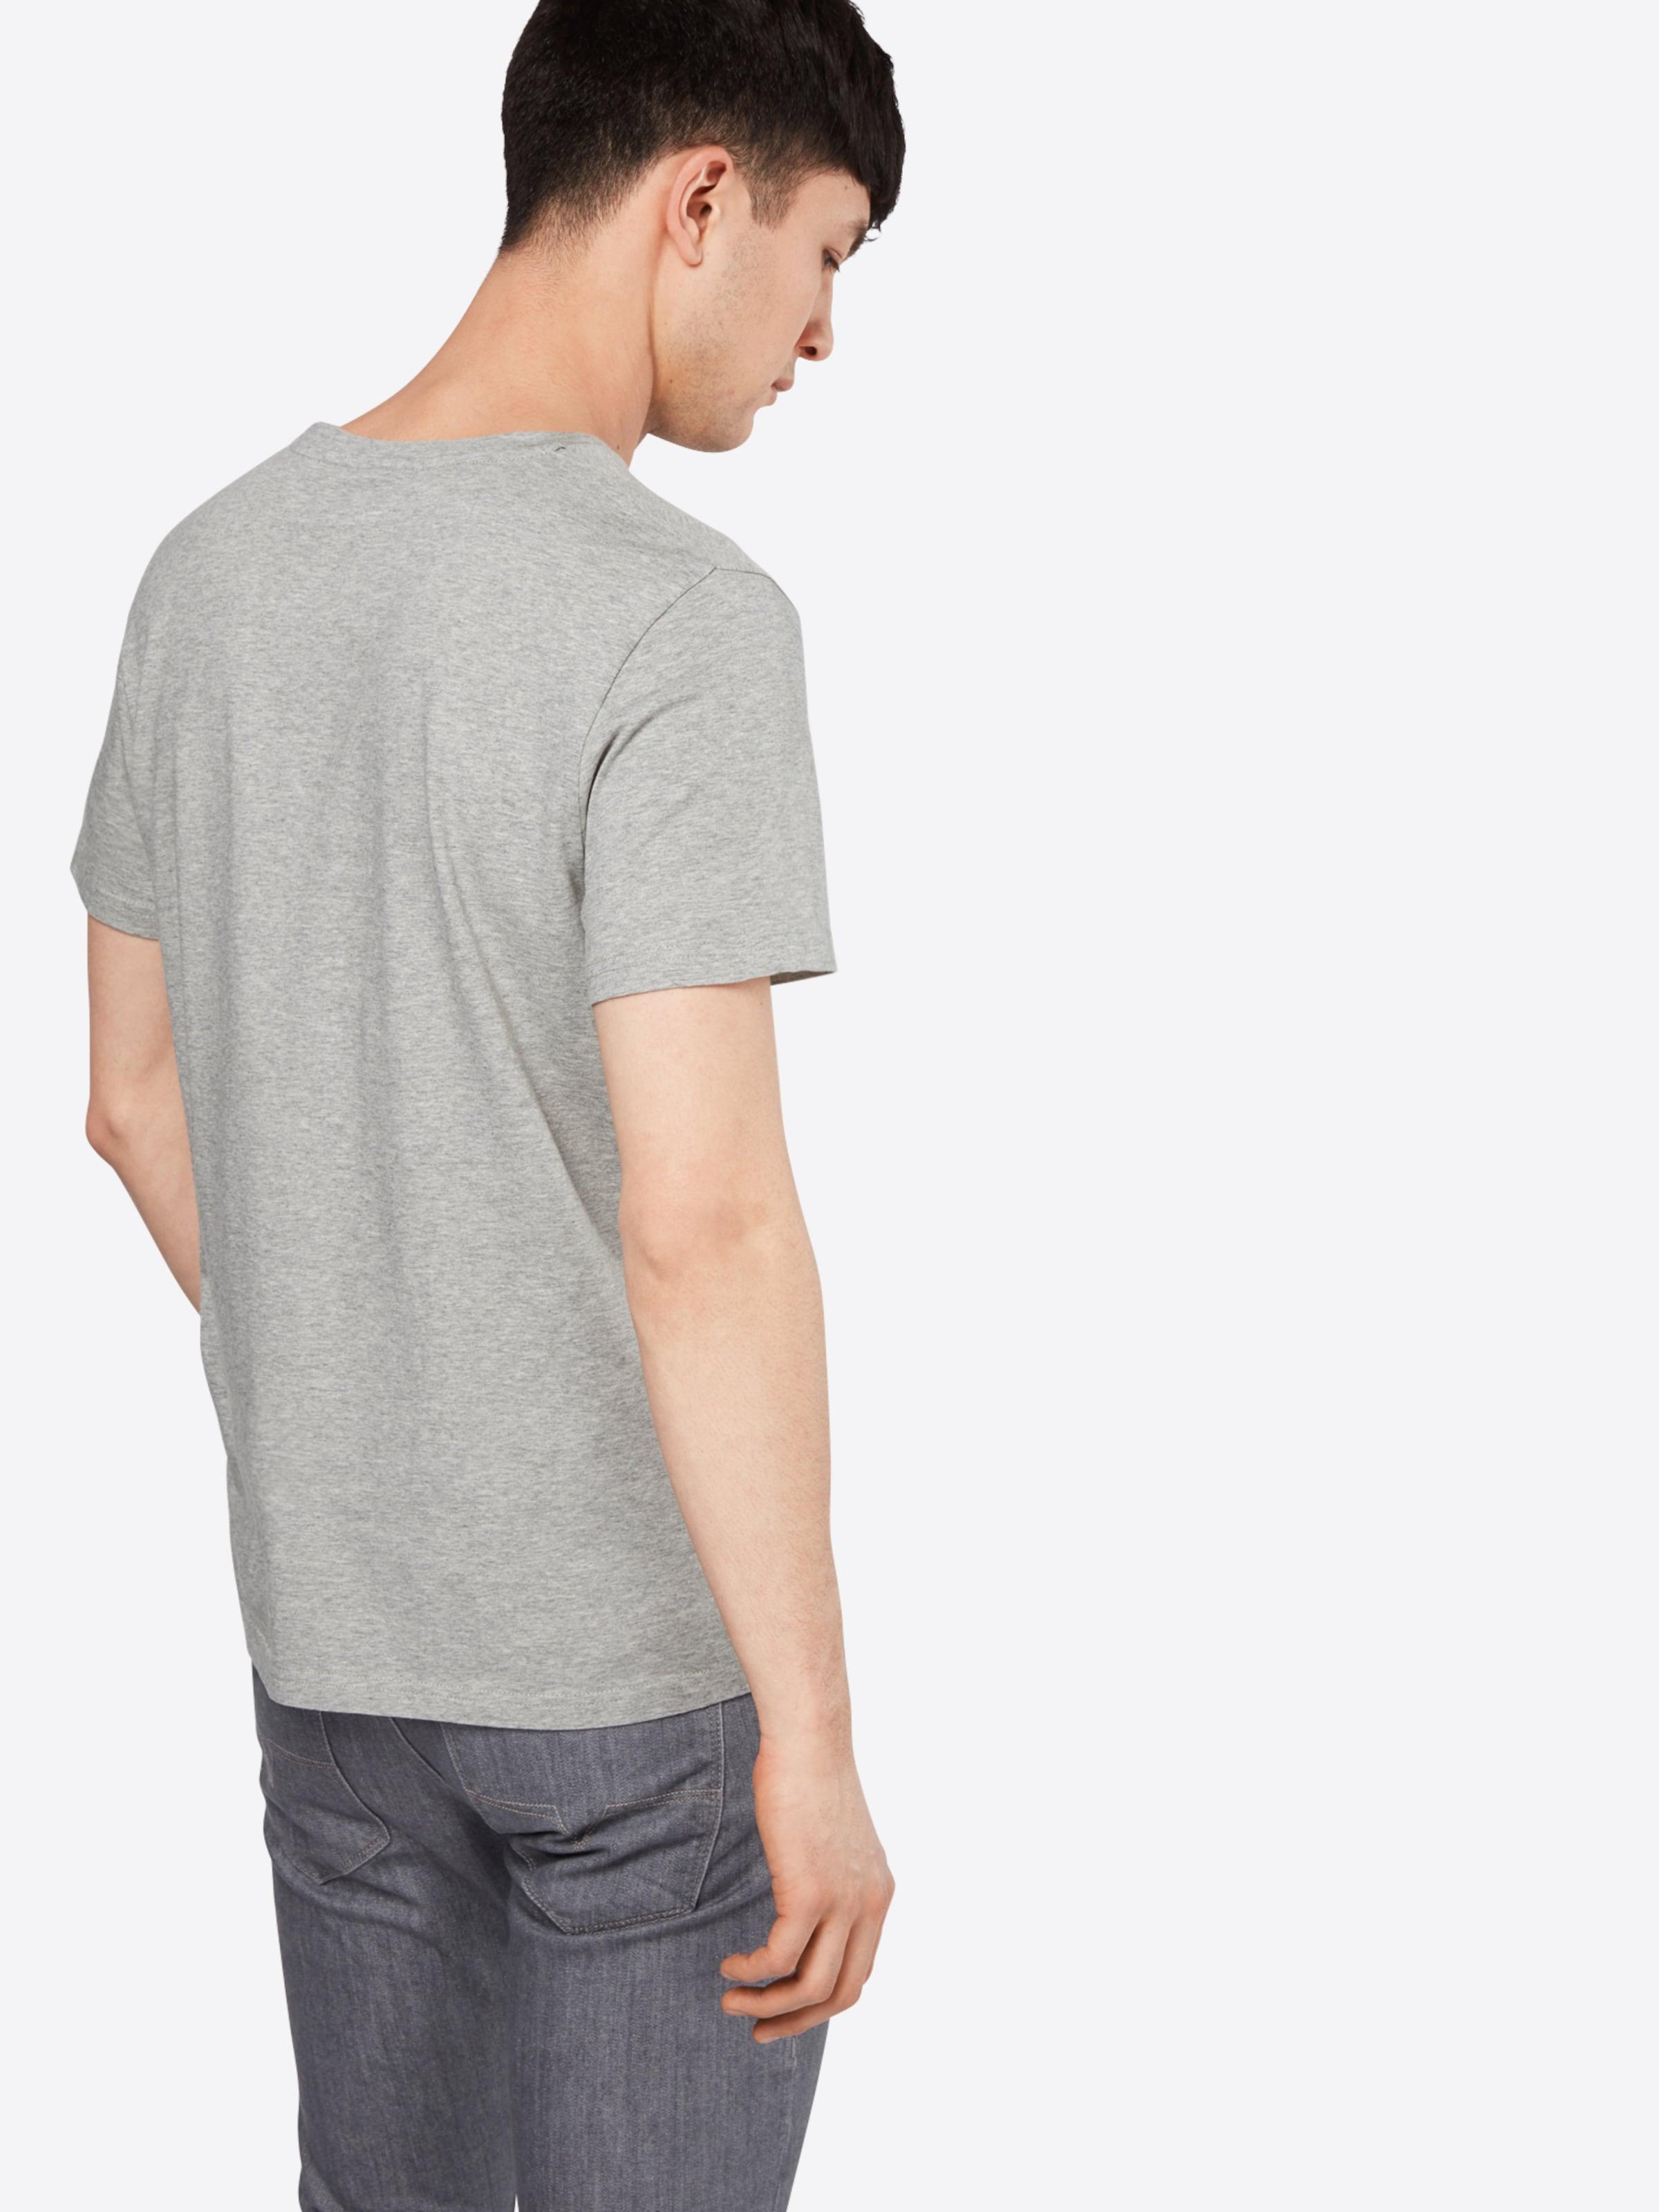 JOOP! T-Shirt '15 JJJ-08Alex1 10000773' Erhalten Authentisch Günstigen Preis RMAWhal